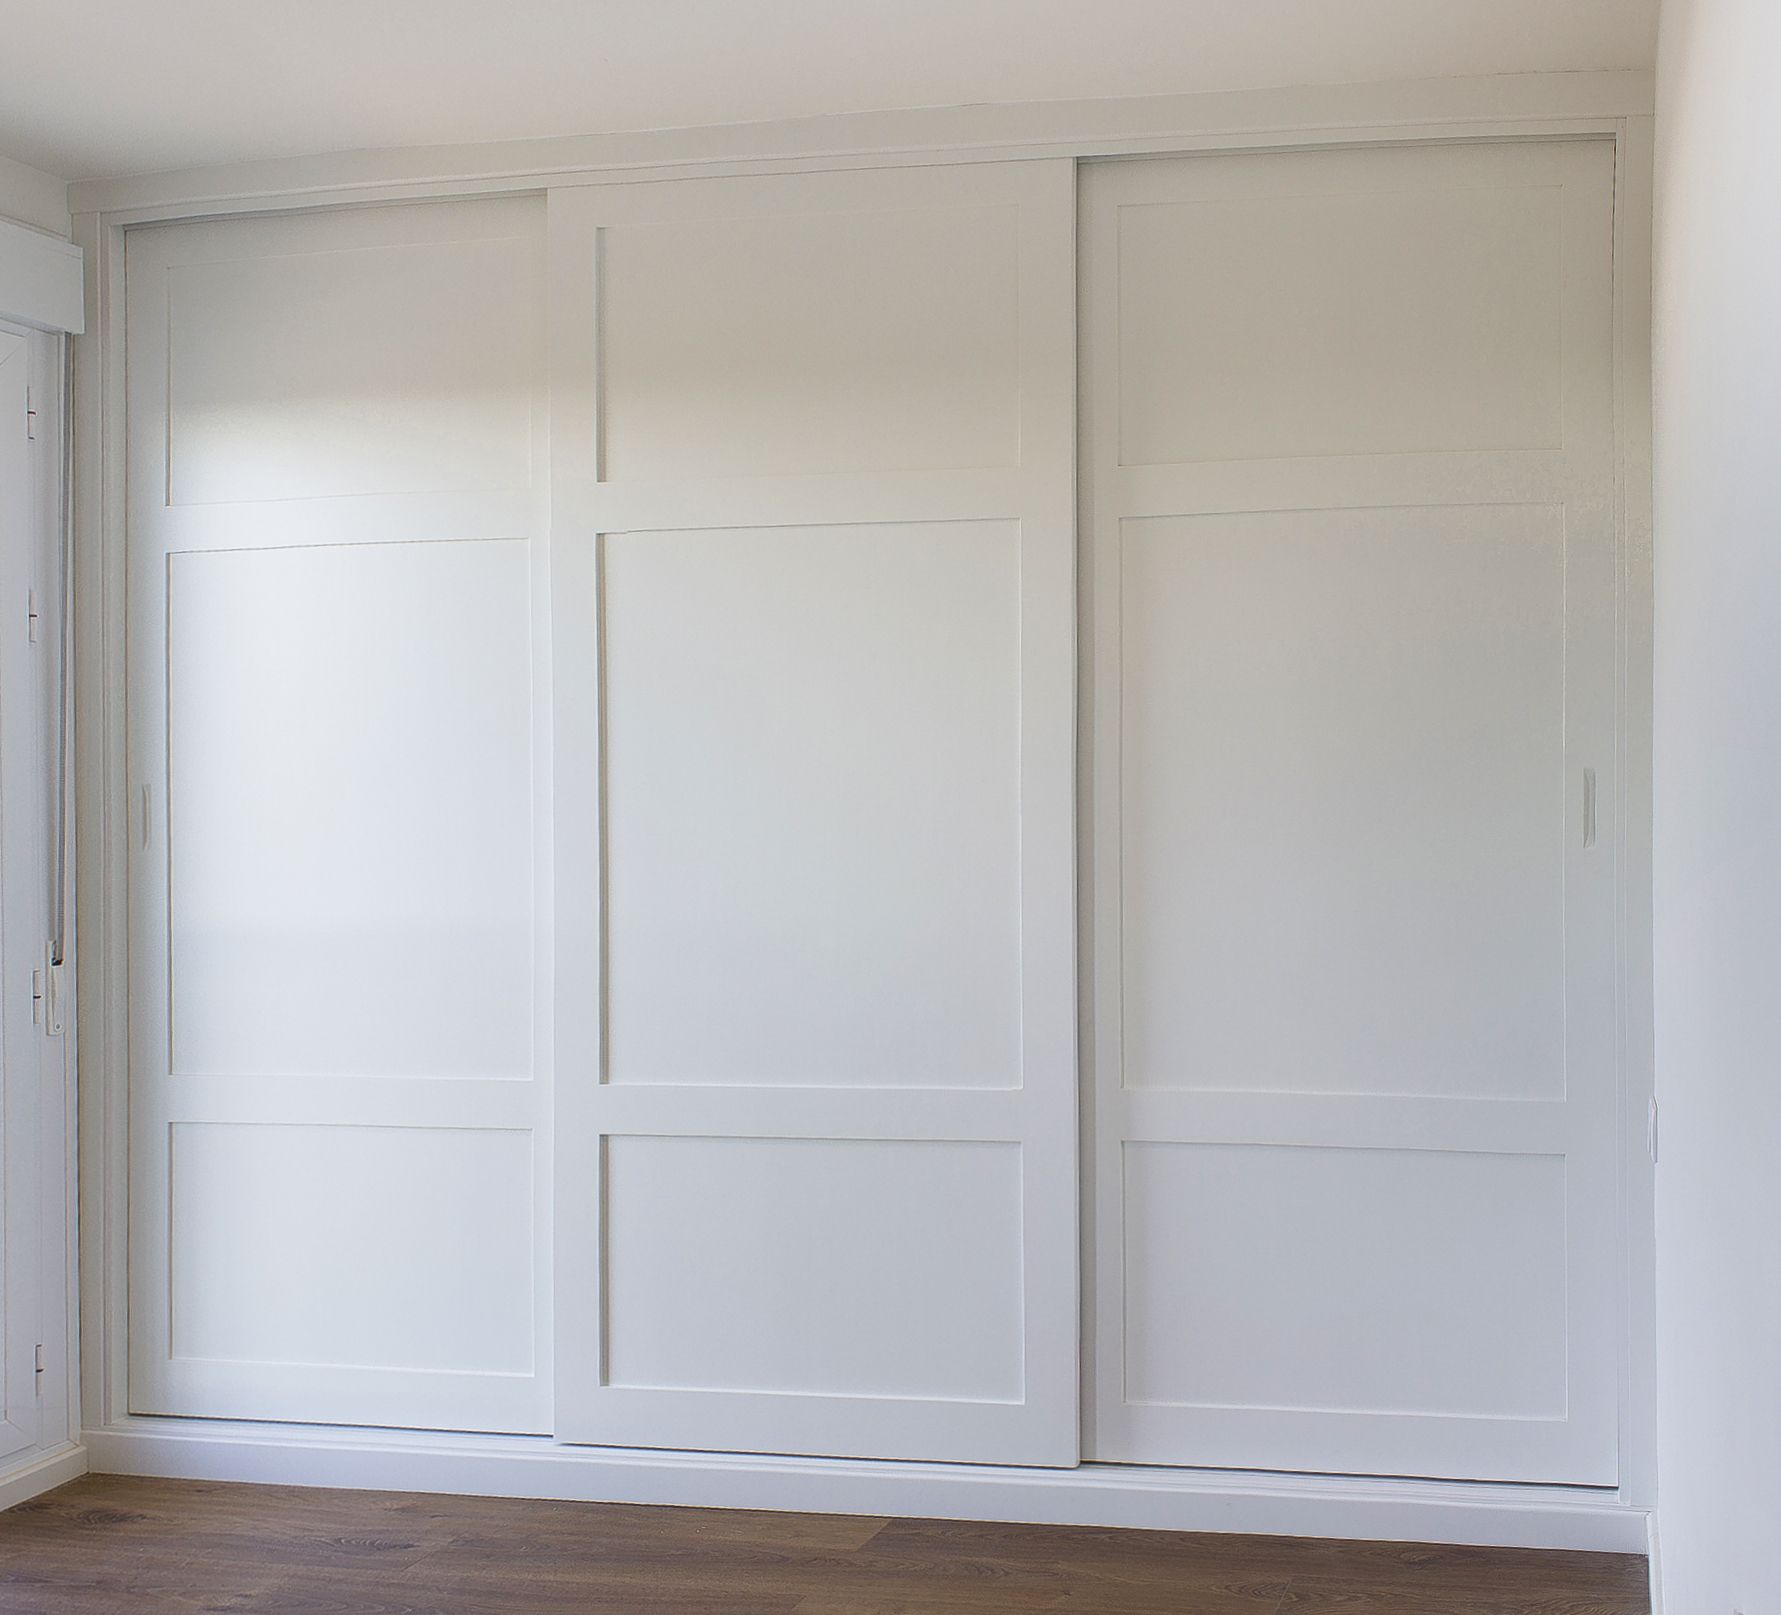 Armario empotrado a medida color blanco tres puertas for Papel para forrar armarios empotrados